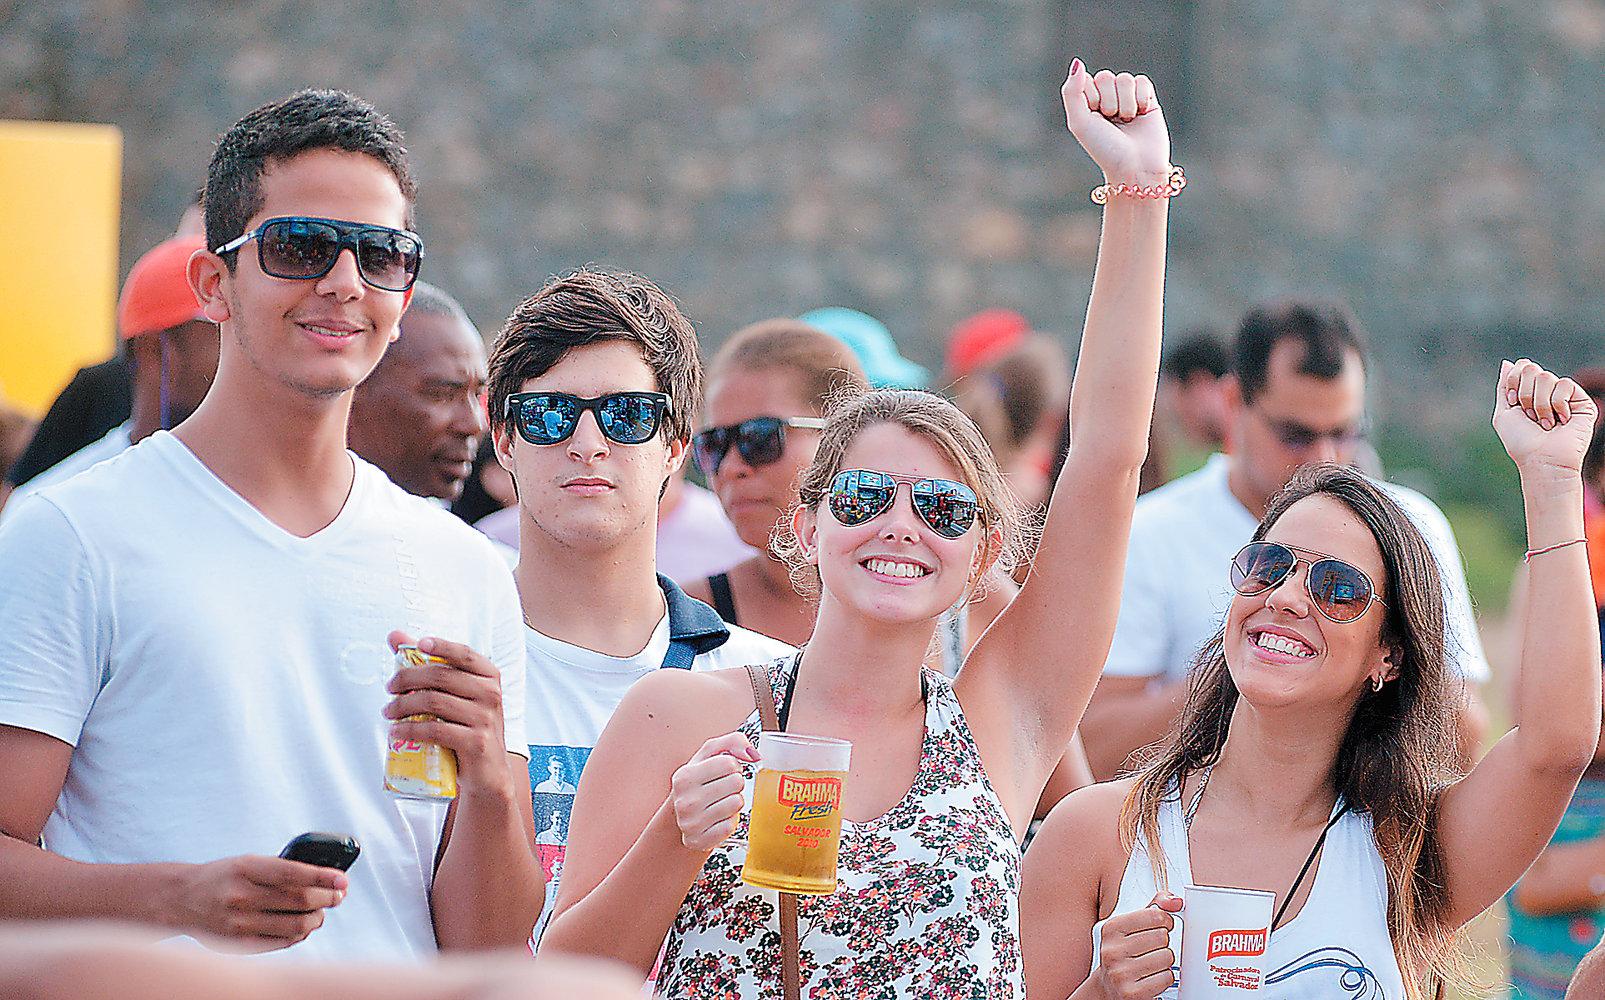 A Bahia é o primeiro estado do país em maiores de 18 anos que assumem fazer consumo abusivo do álcool  (Foto: Beto Junior/Arquivo Correio)